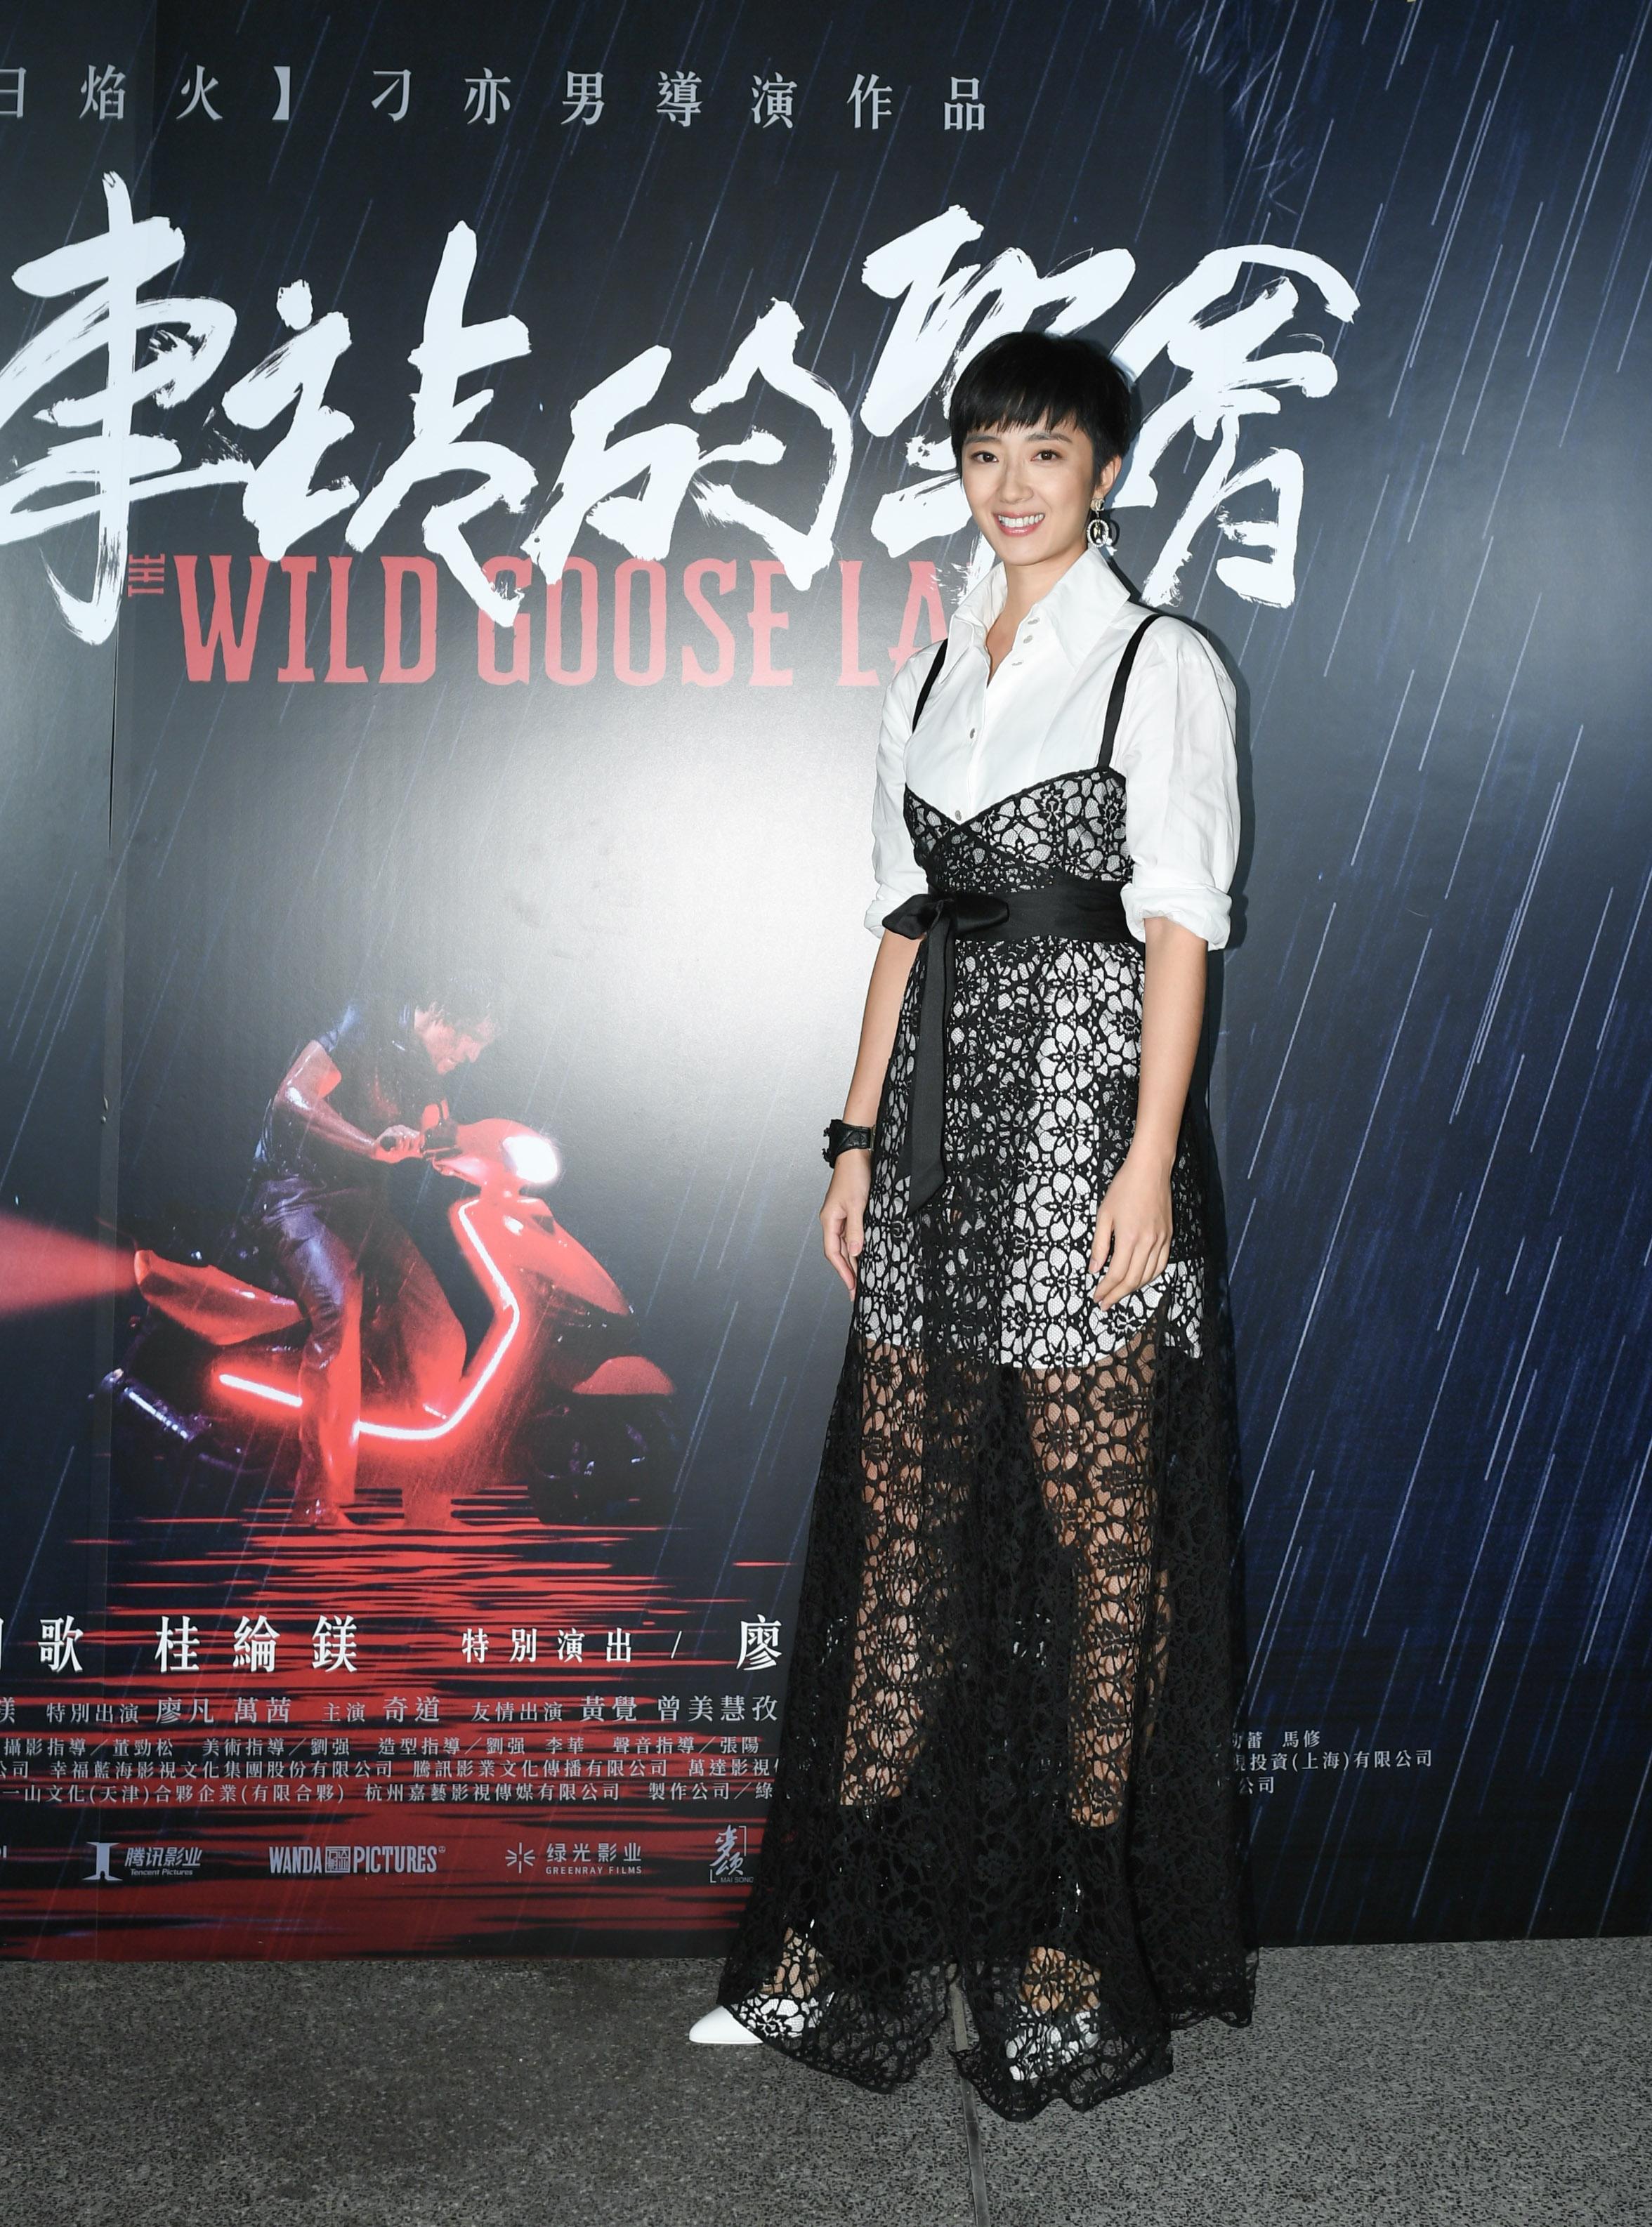 《南方車站的聚會》影后桂綸鎂盛裝出席首映會,並邀請她的親朋好友共襄盛舉